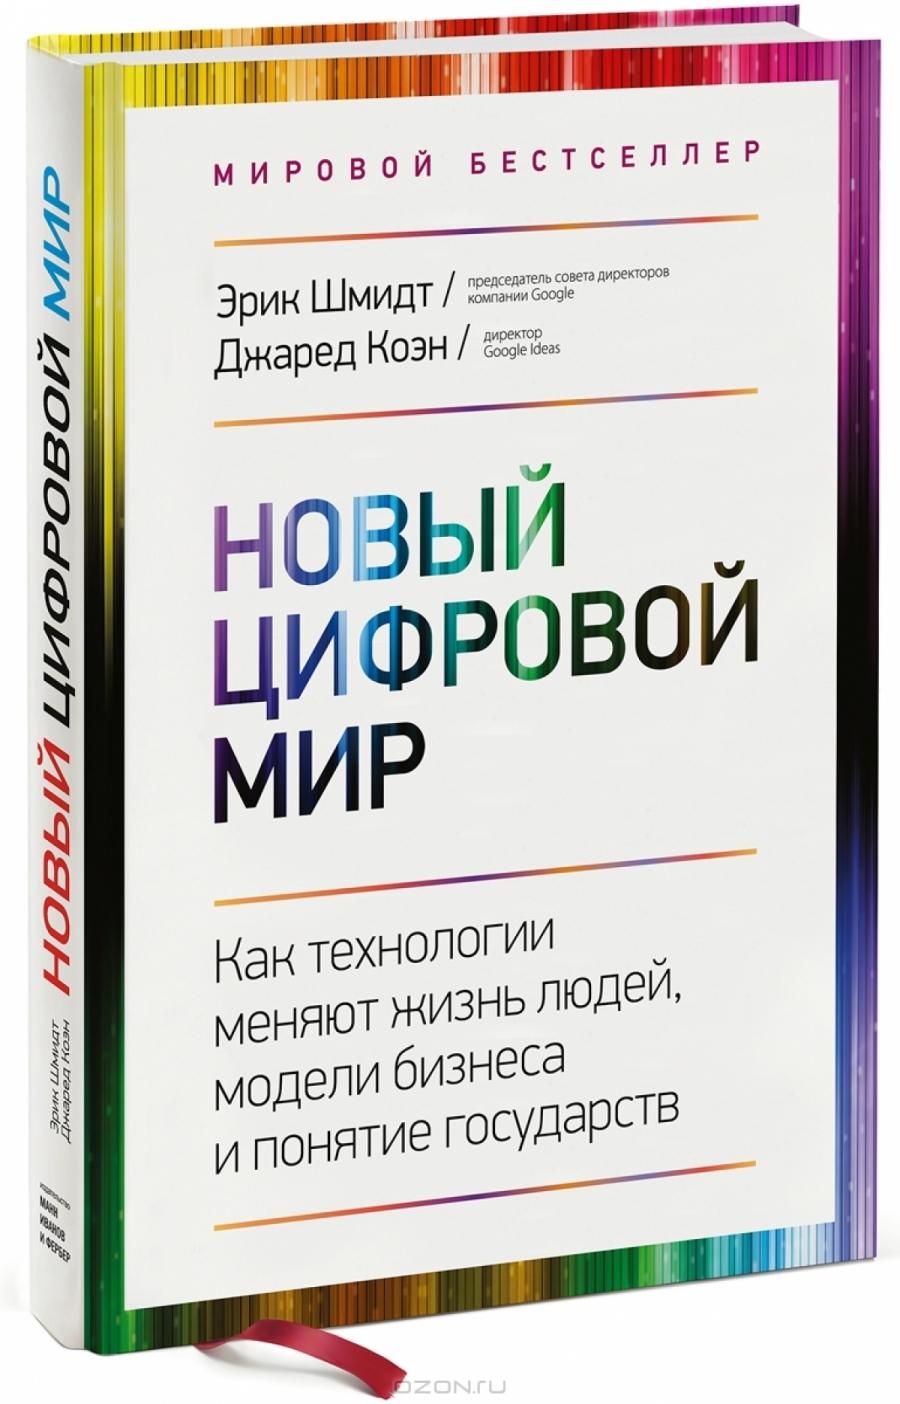 Обложка книги:  эрик шмидт, джаред коэн - новый цифровой мир